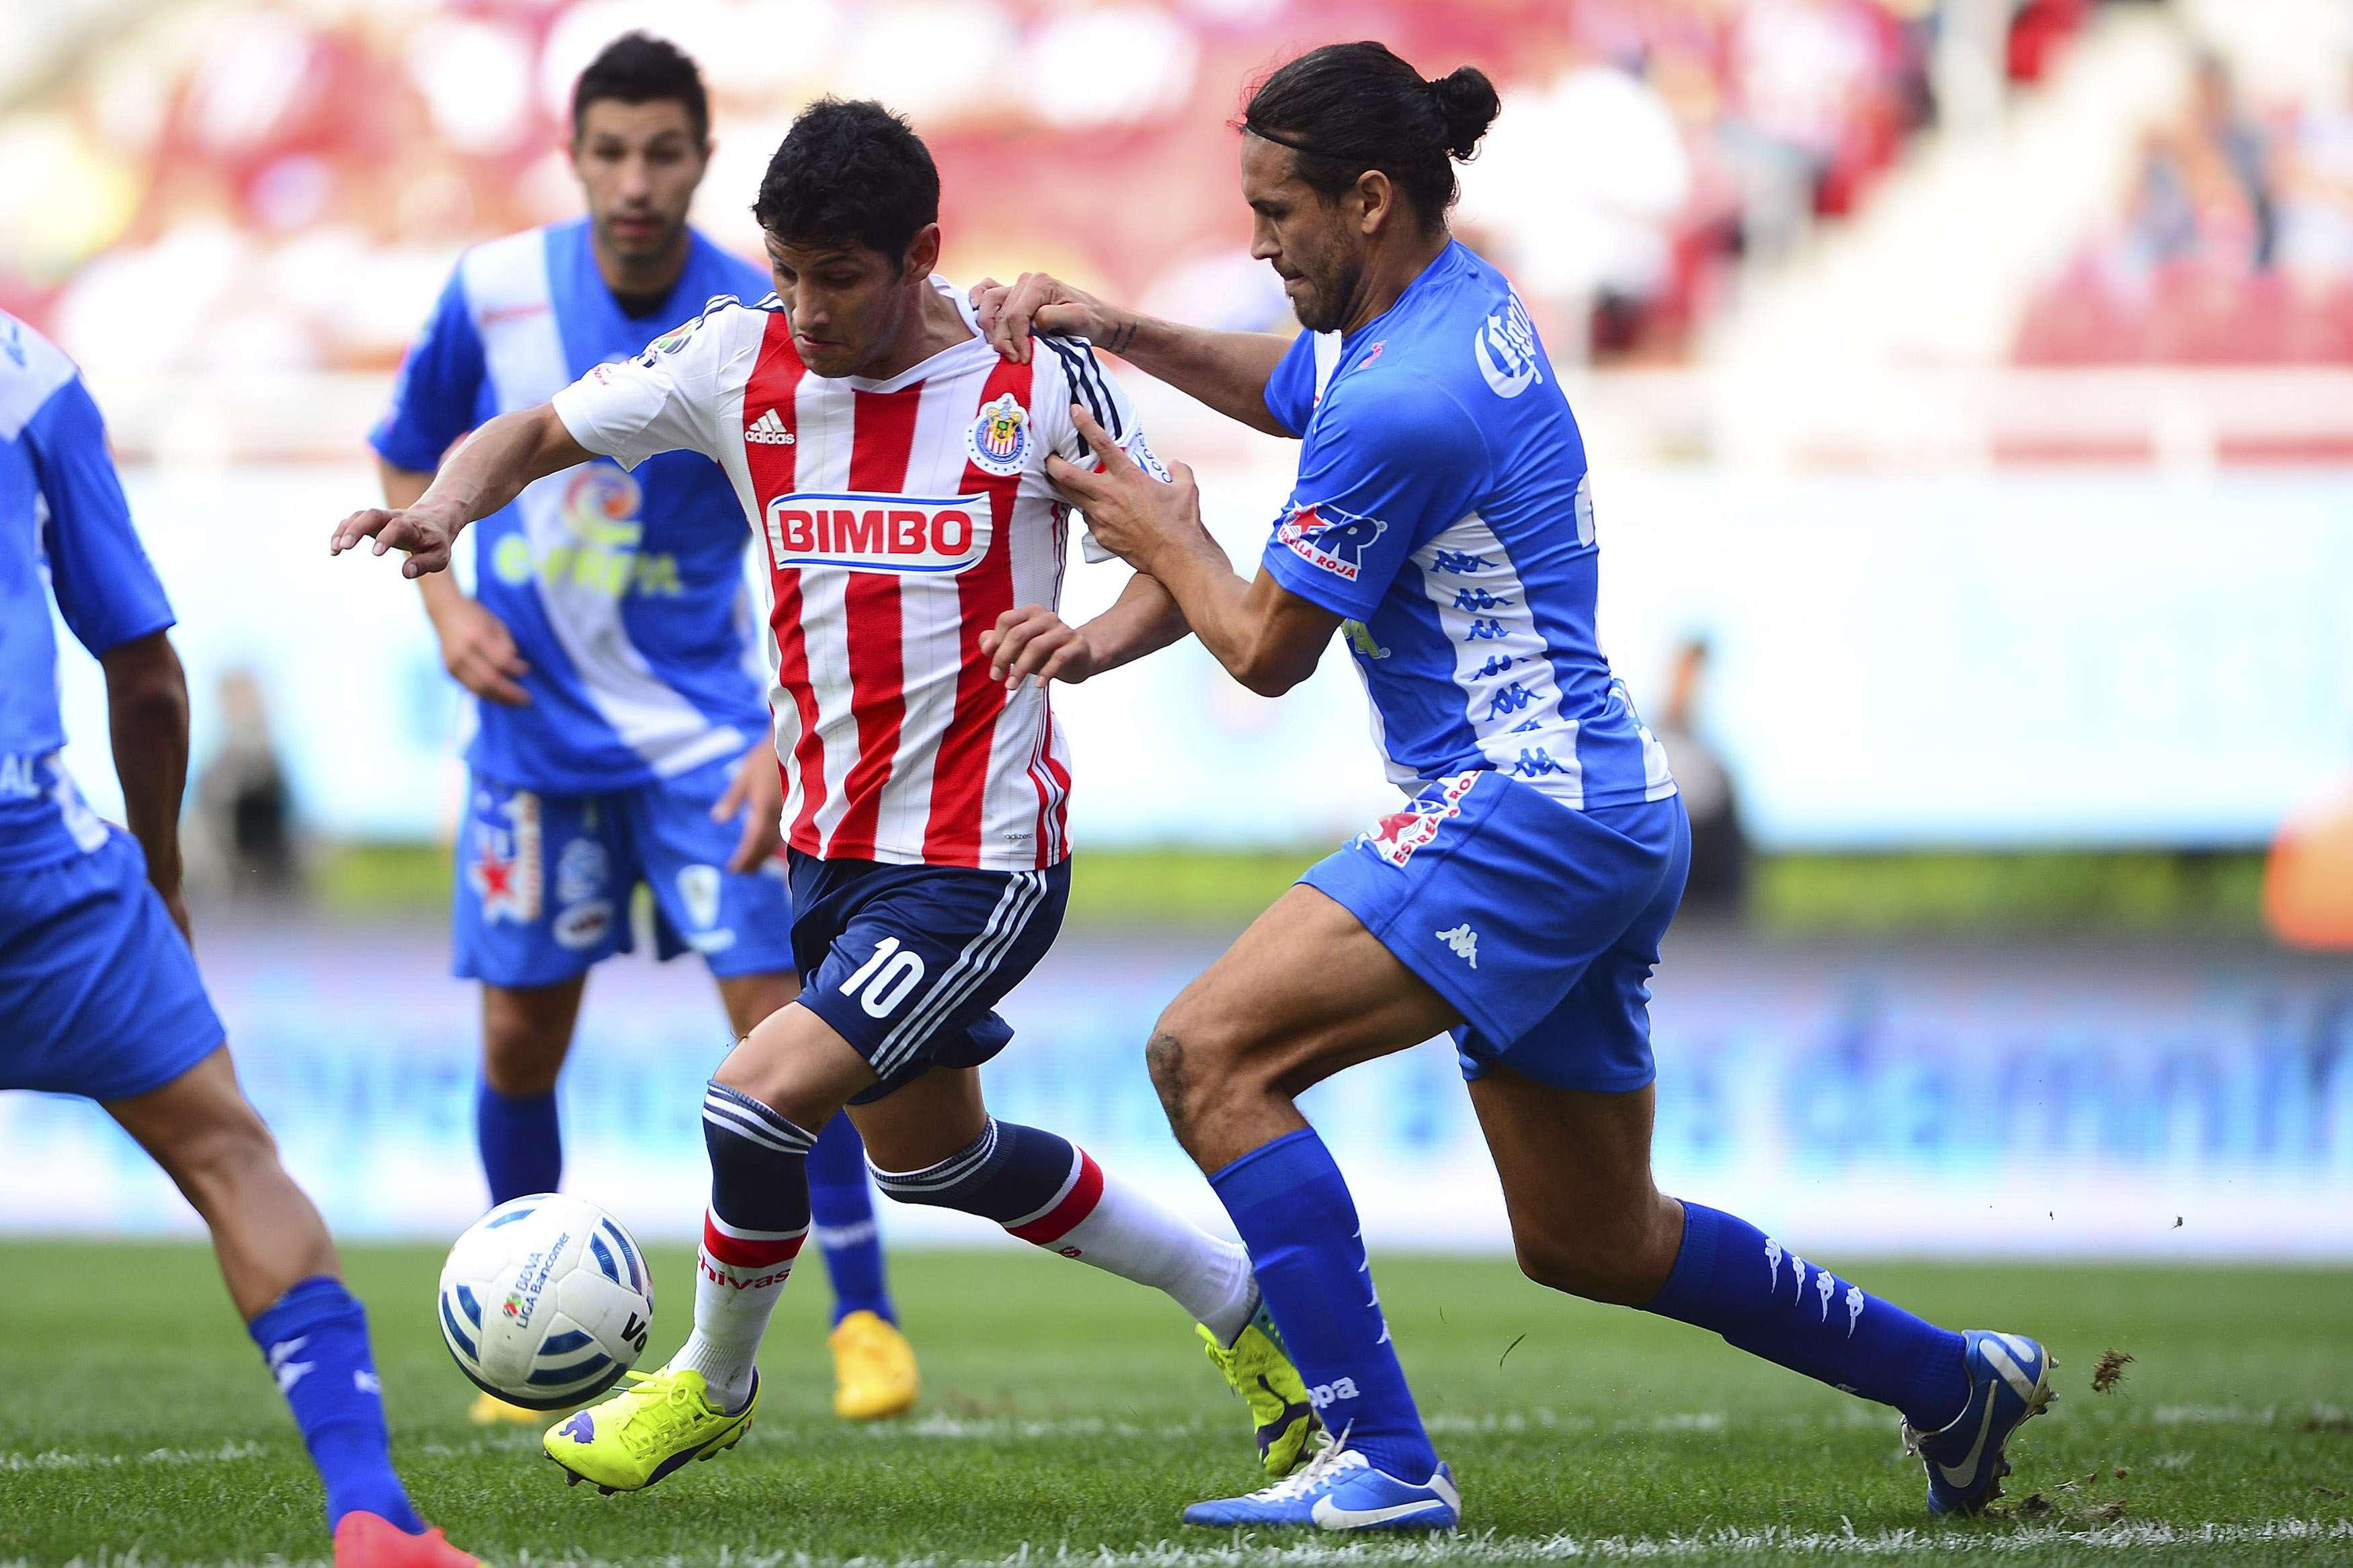 En un duelo entre equipos involucrados en la tabla de descenso, Chivas y Puebla no se hicieron daño y empataron 0-0 en duelo celebrado en el estadio Omnilife, que cerró la jornada 10 del torneo Apertura 2014. Foto: Mexsport